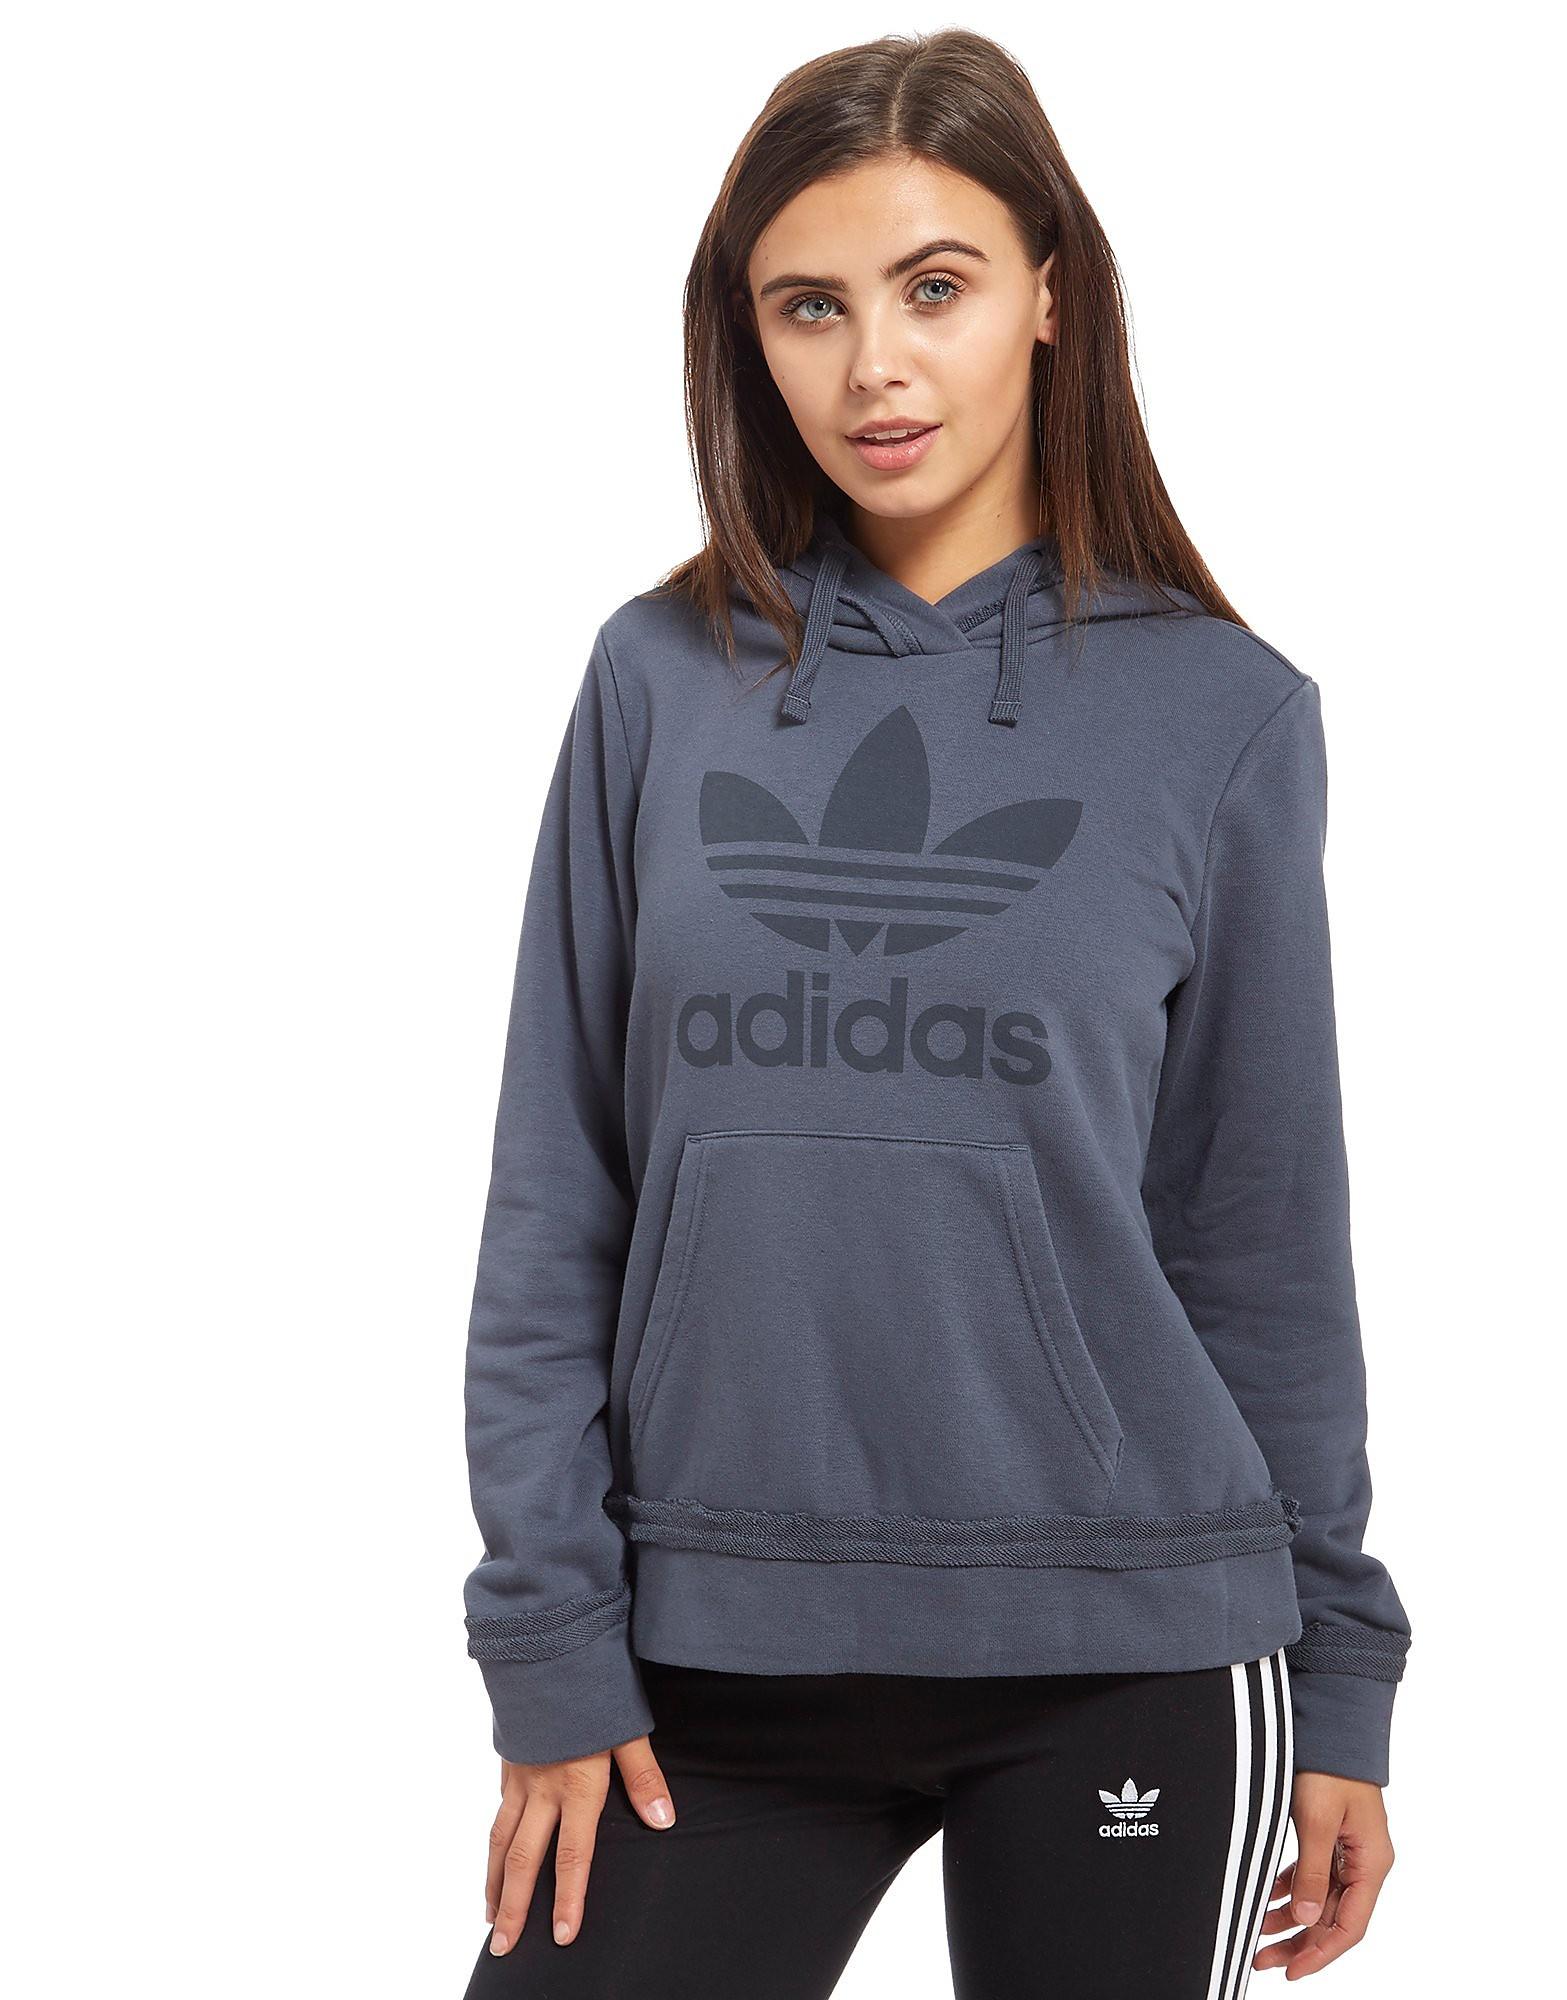 adidas Originals Sweat Trefoil Femme